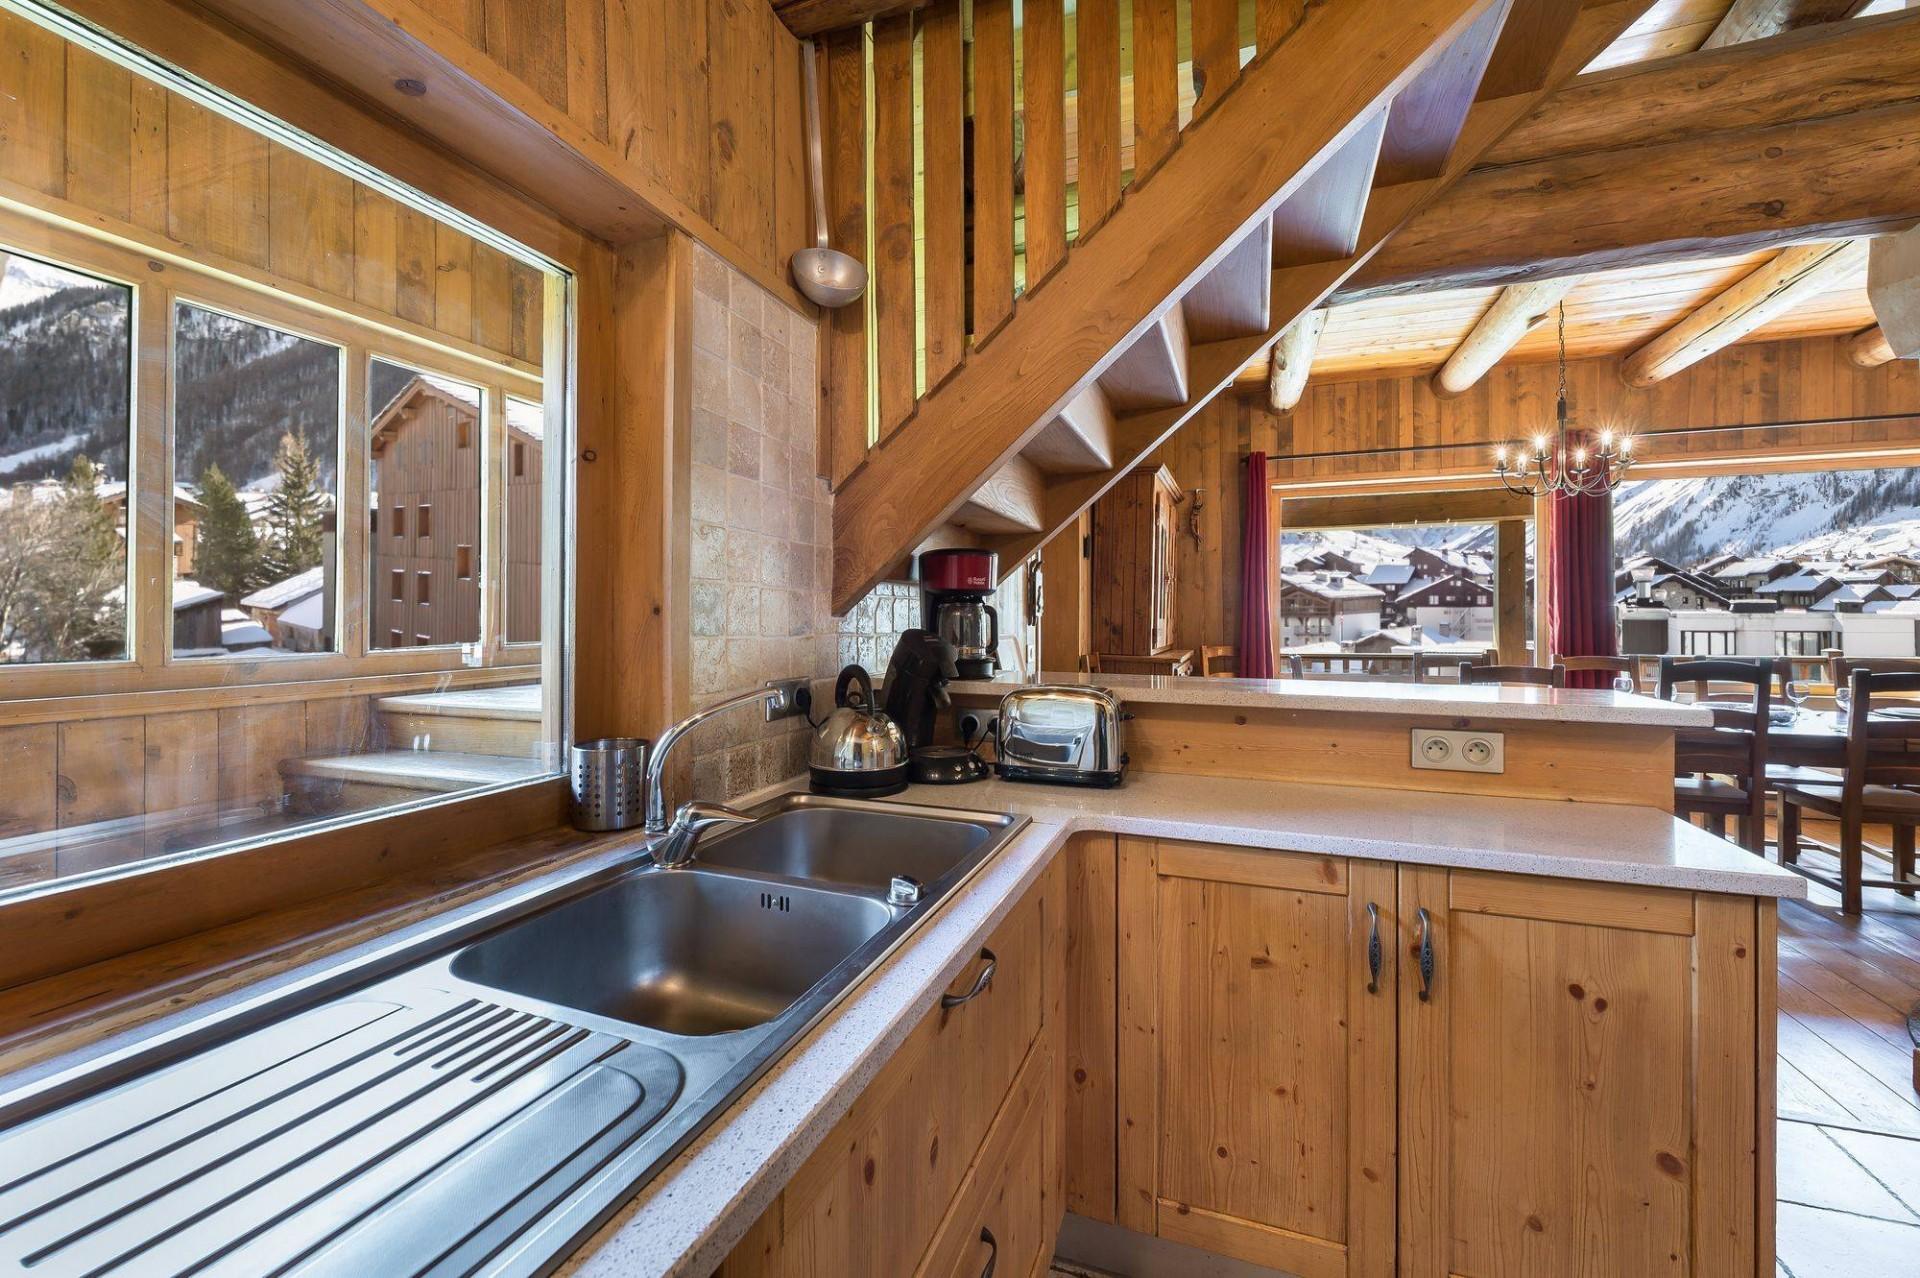 Val d'Isère Location Chalet Luxe Jaden Cuisine